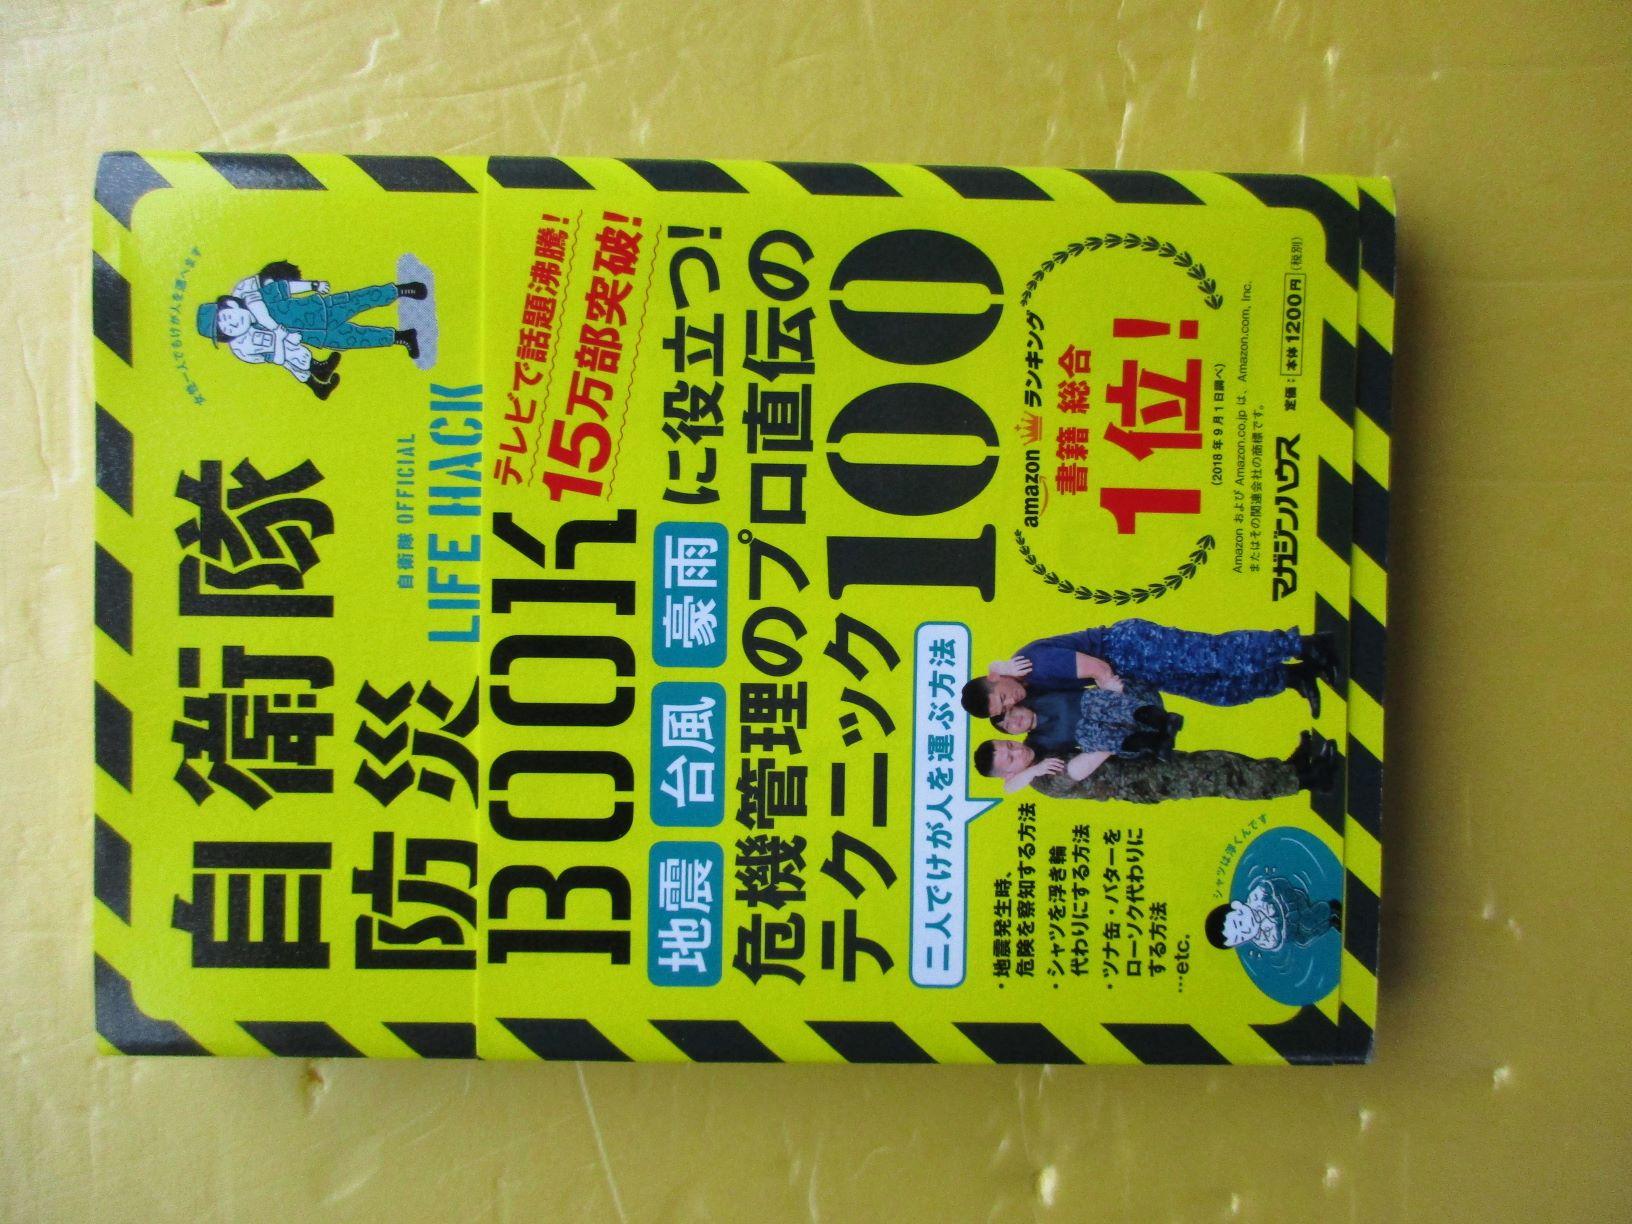 自衛隊防災 book